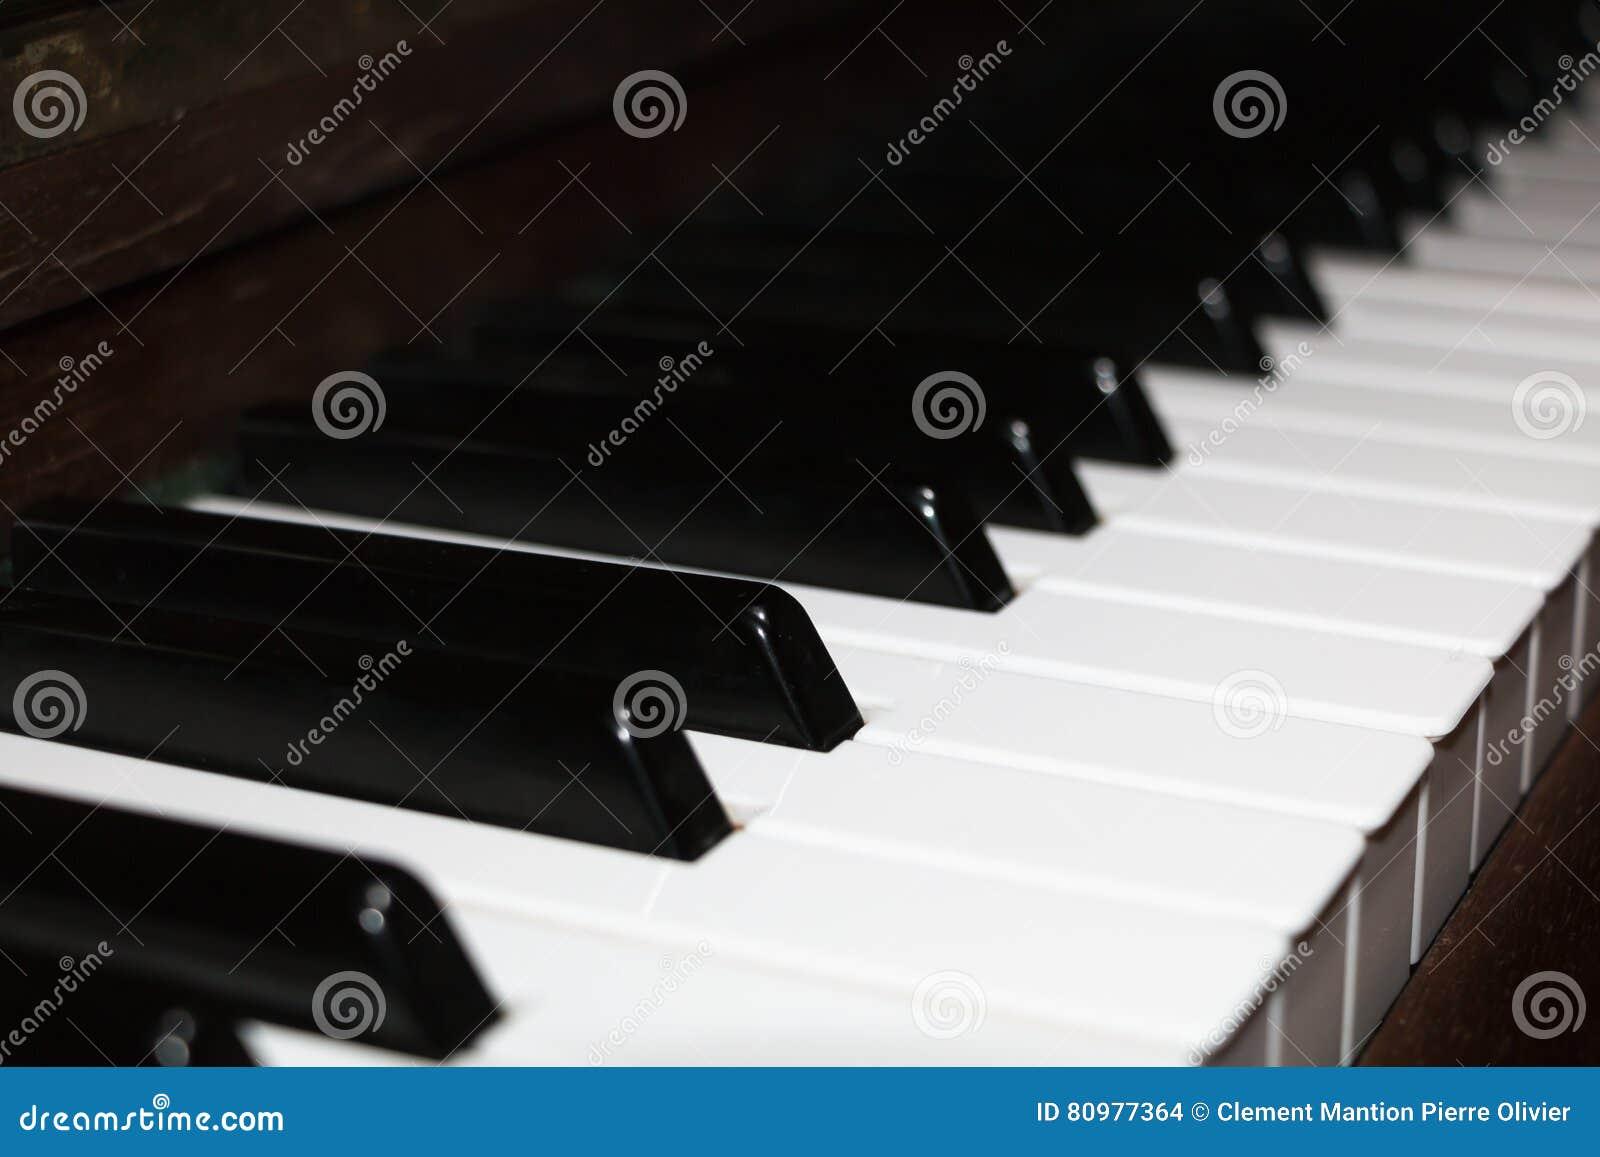 Κινηματογράφηση σε πρώτο πλάνο σε ένα παλαιό πληκτρολόγιο πιάνων ελεφαντόδοντου